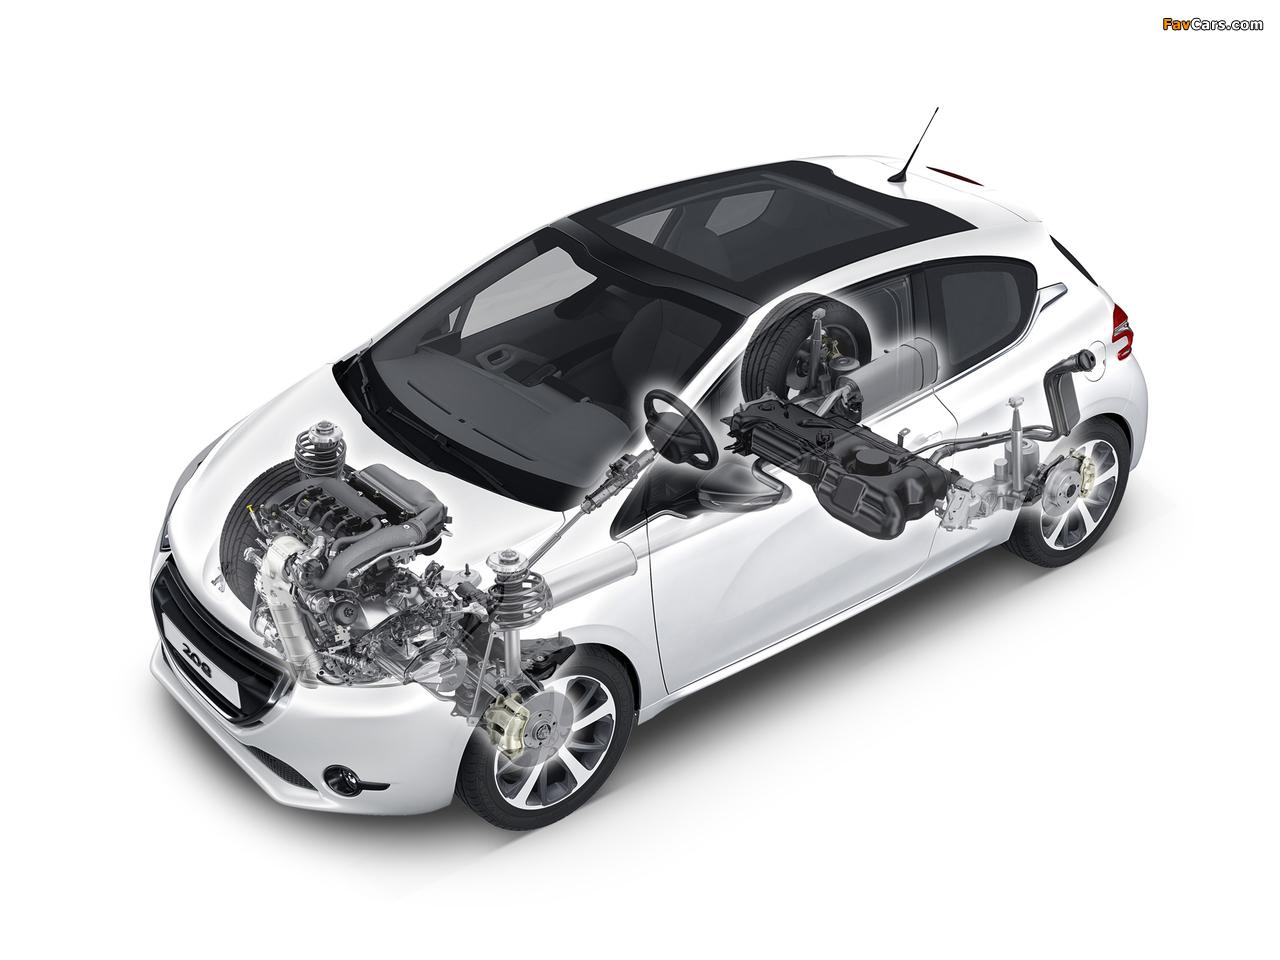 Peugeot 208 3-door 2012 pictures (1280 x 960)